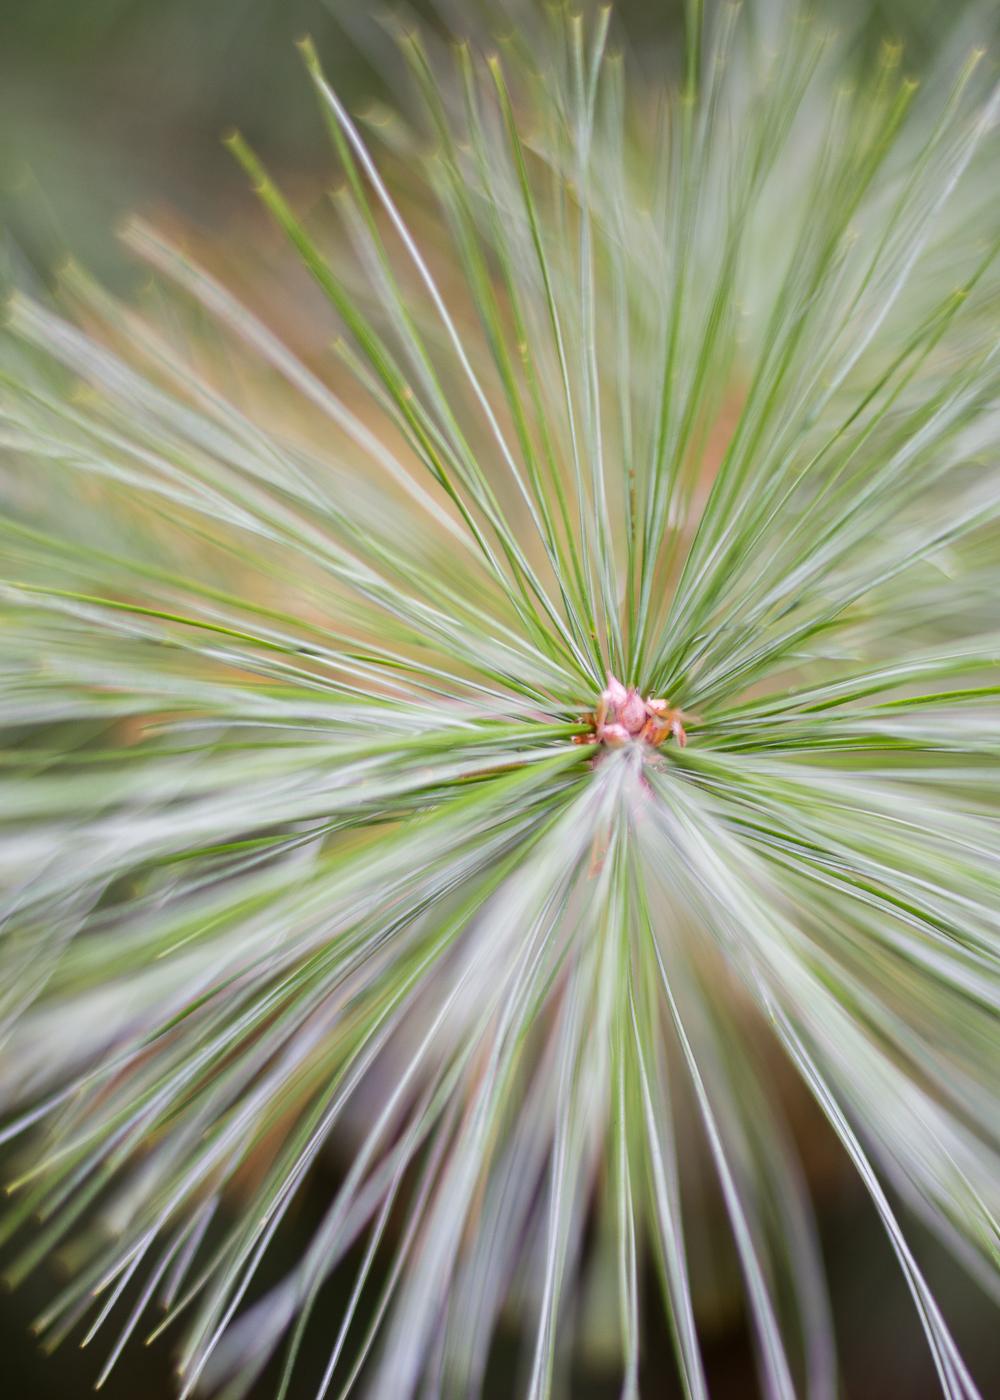 WinterHillStudio Pine Needles Sharp.jpg